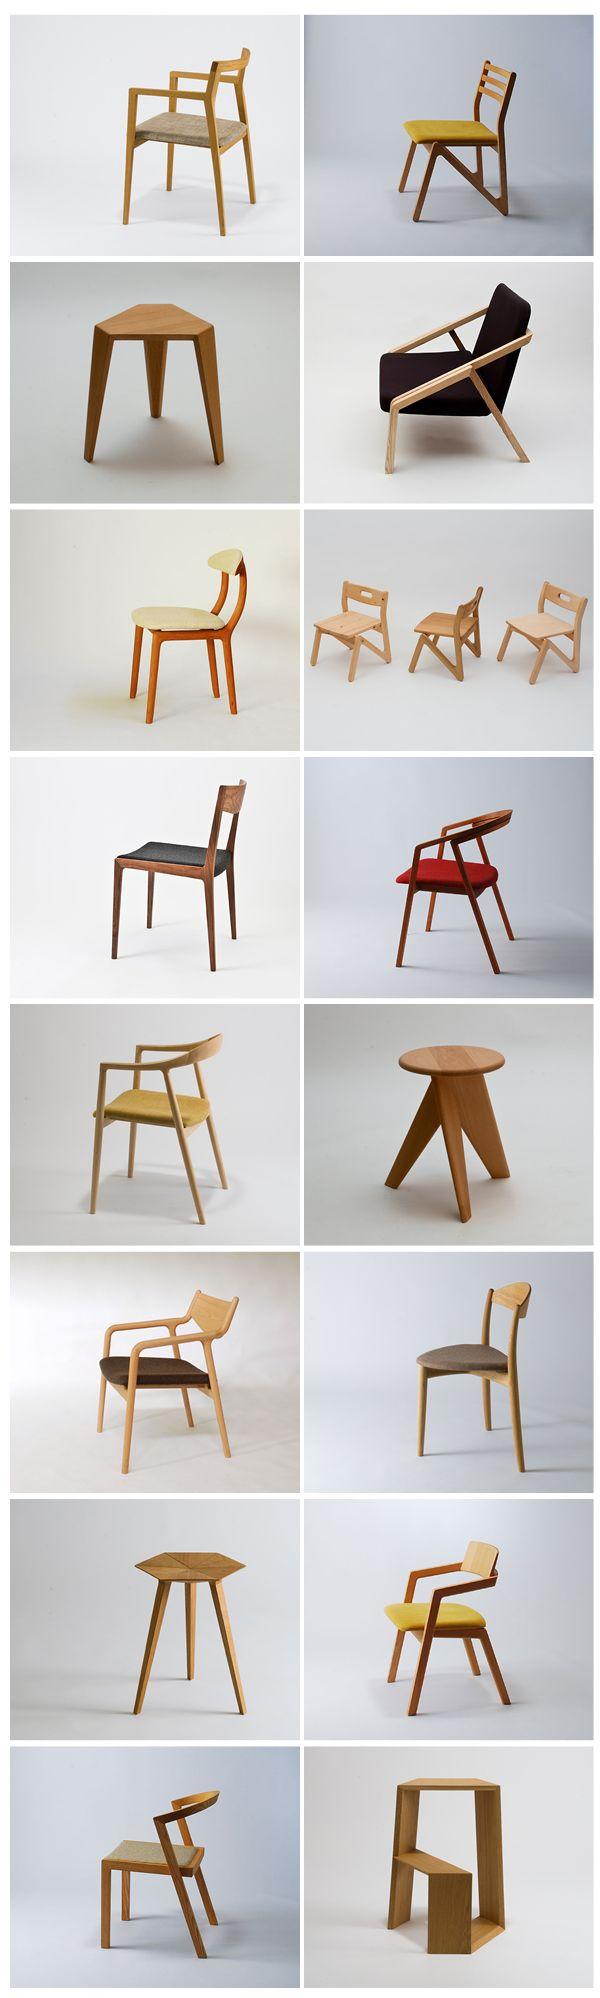 chairs miyazaki-isu